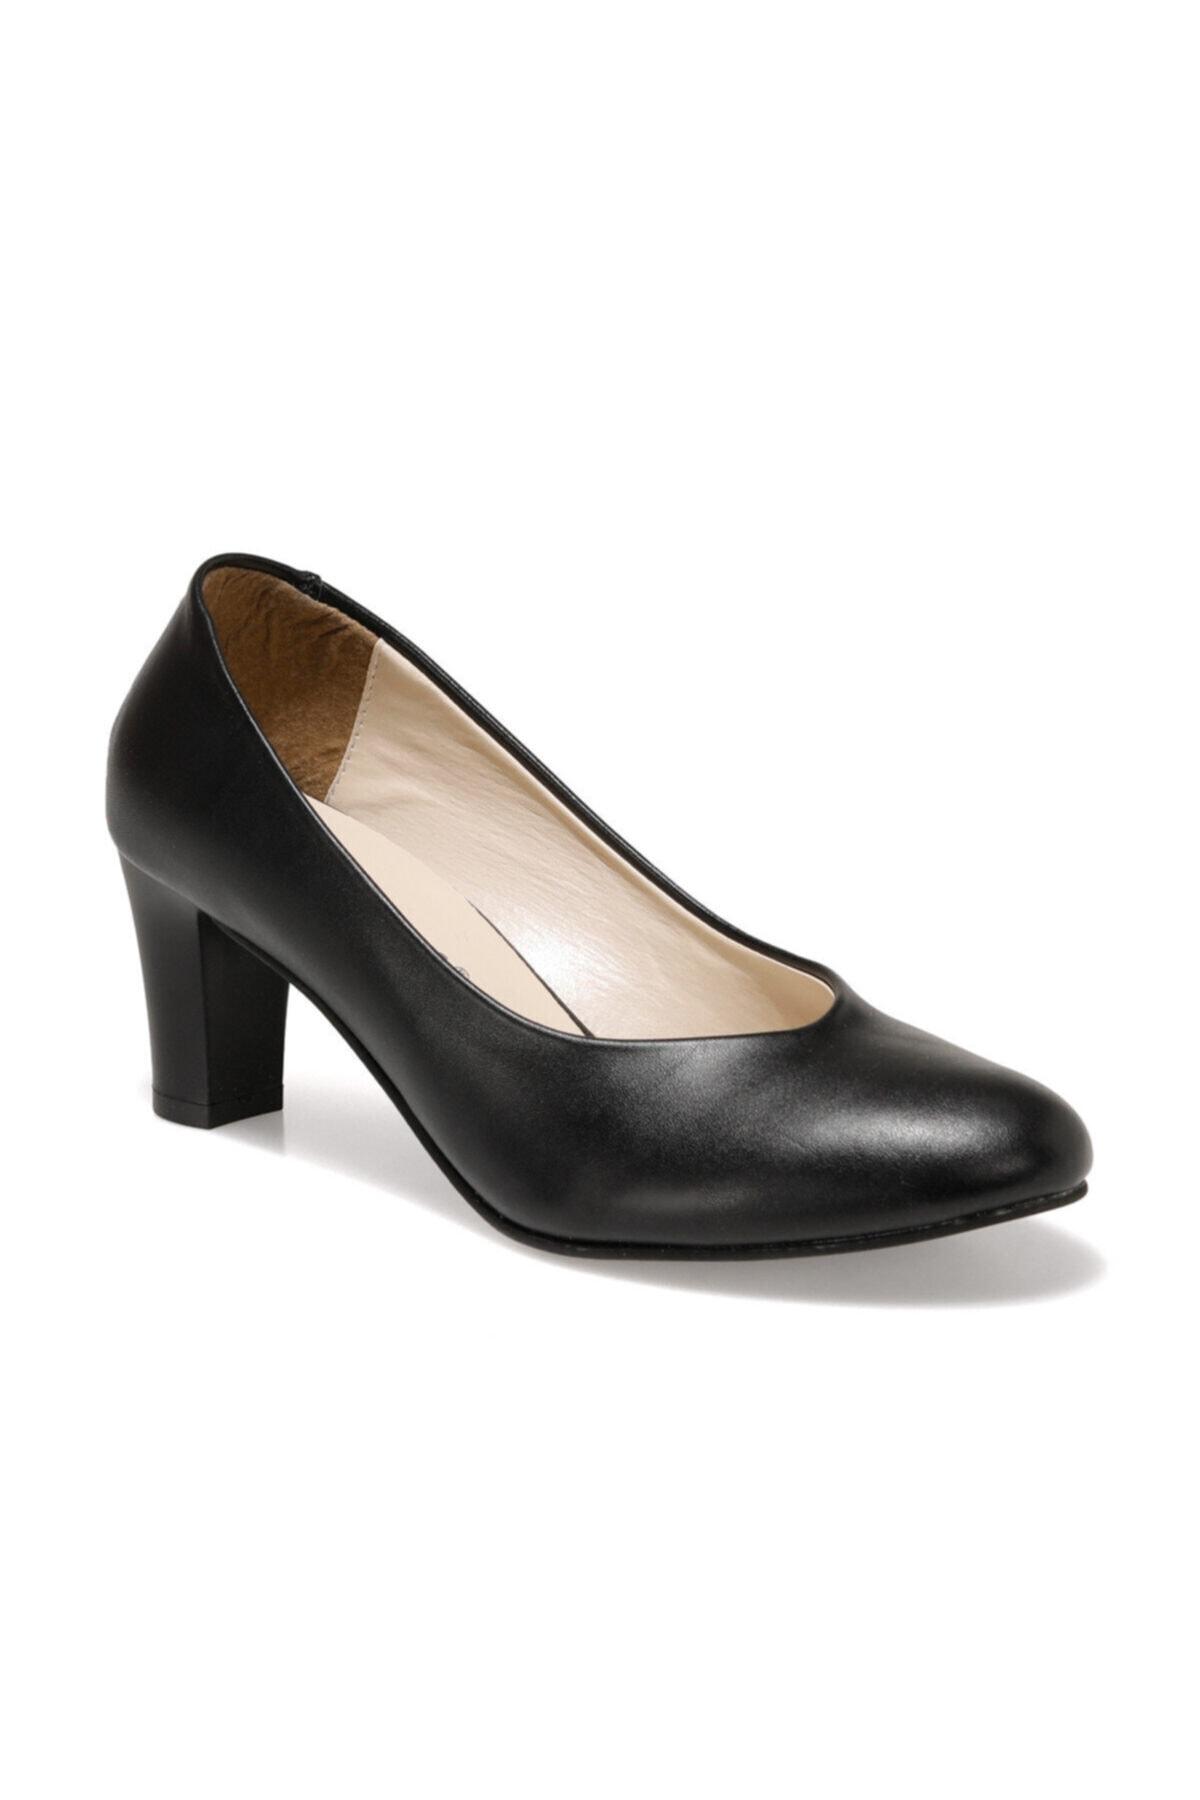 316115cz Siyah Kadın Gova Ayakkabı